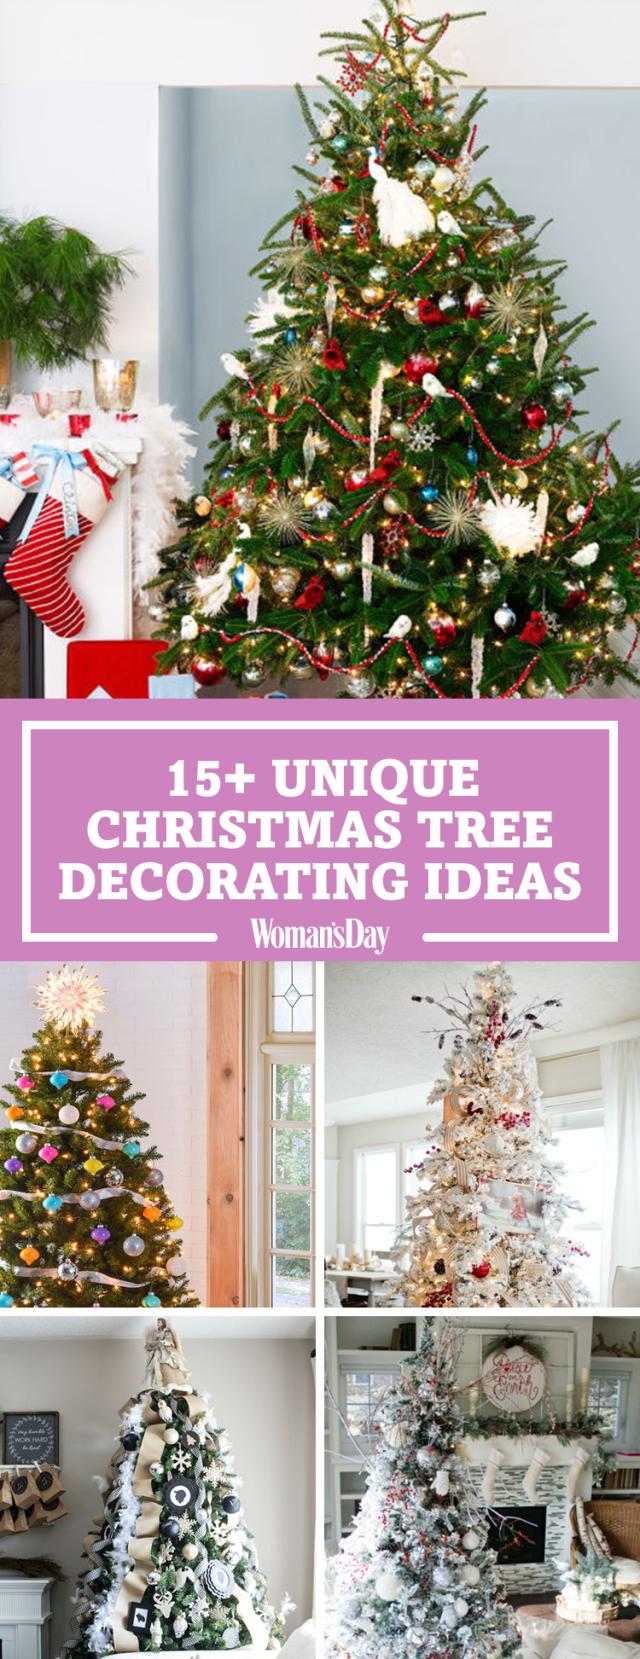 25 unique christmas tree decoration ideas pictures of for Different christmas decorations ideas